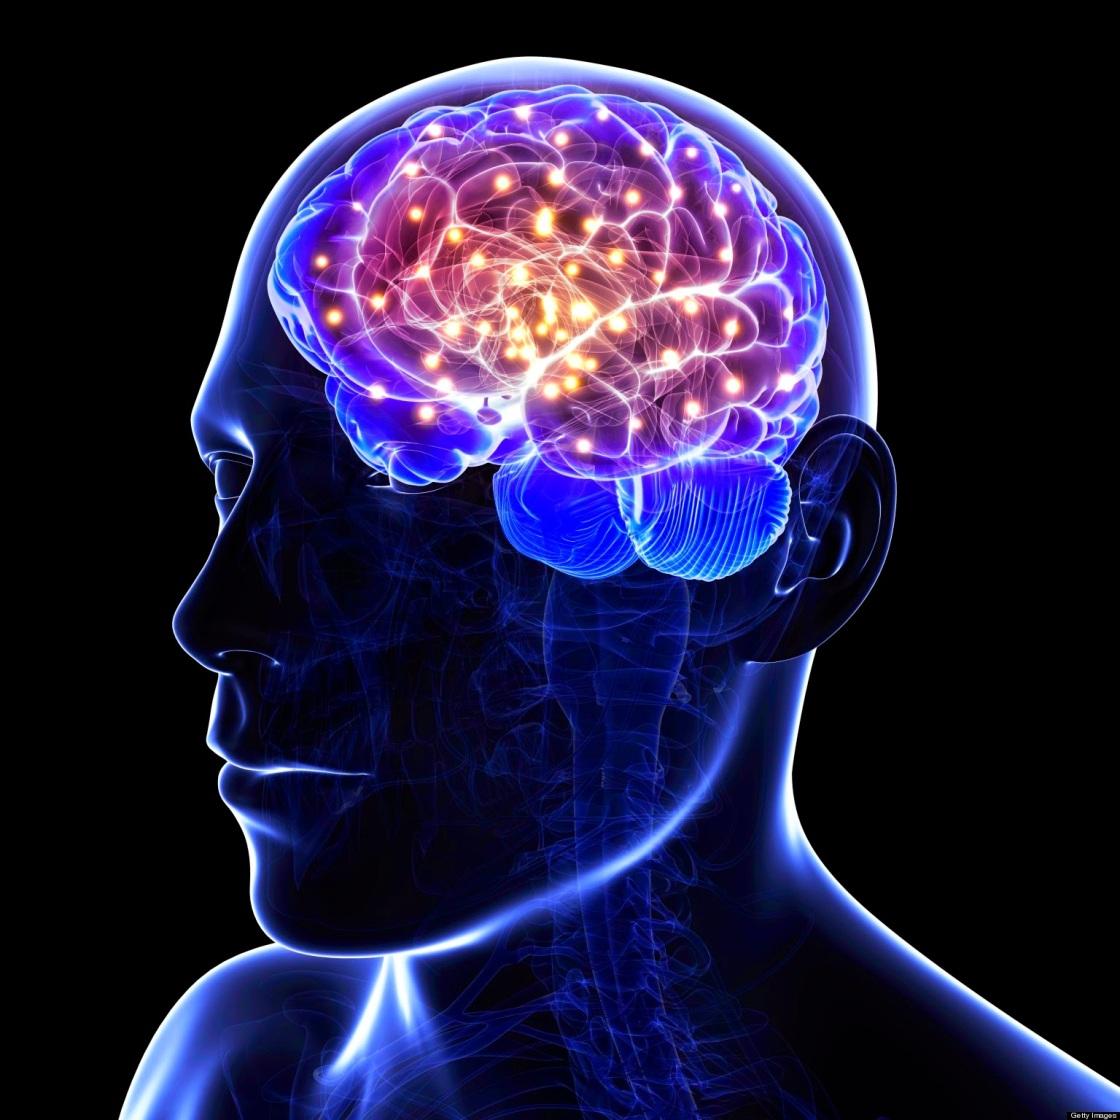 BRAIN-ACTIVITY-neurons-firing